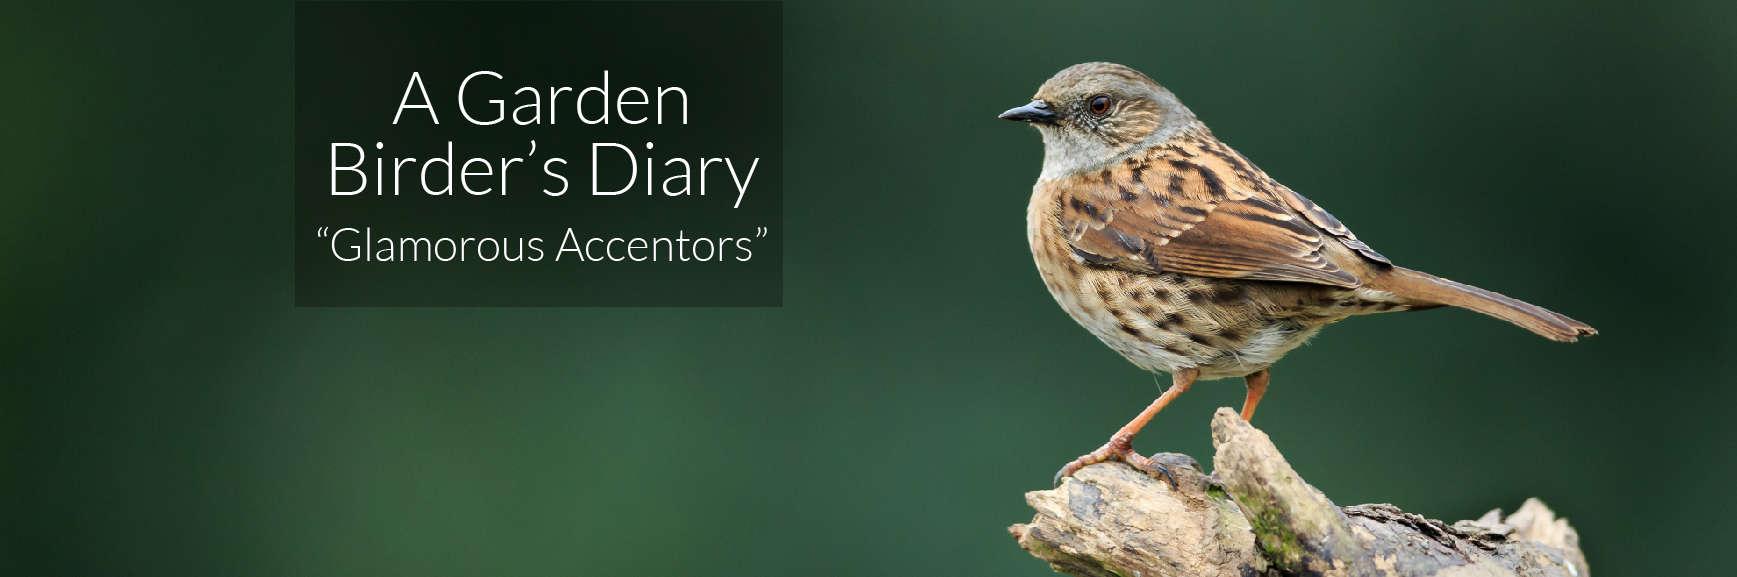 A Garden Birder's Diary – Glamorous Accentors